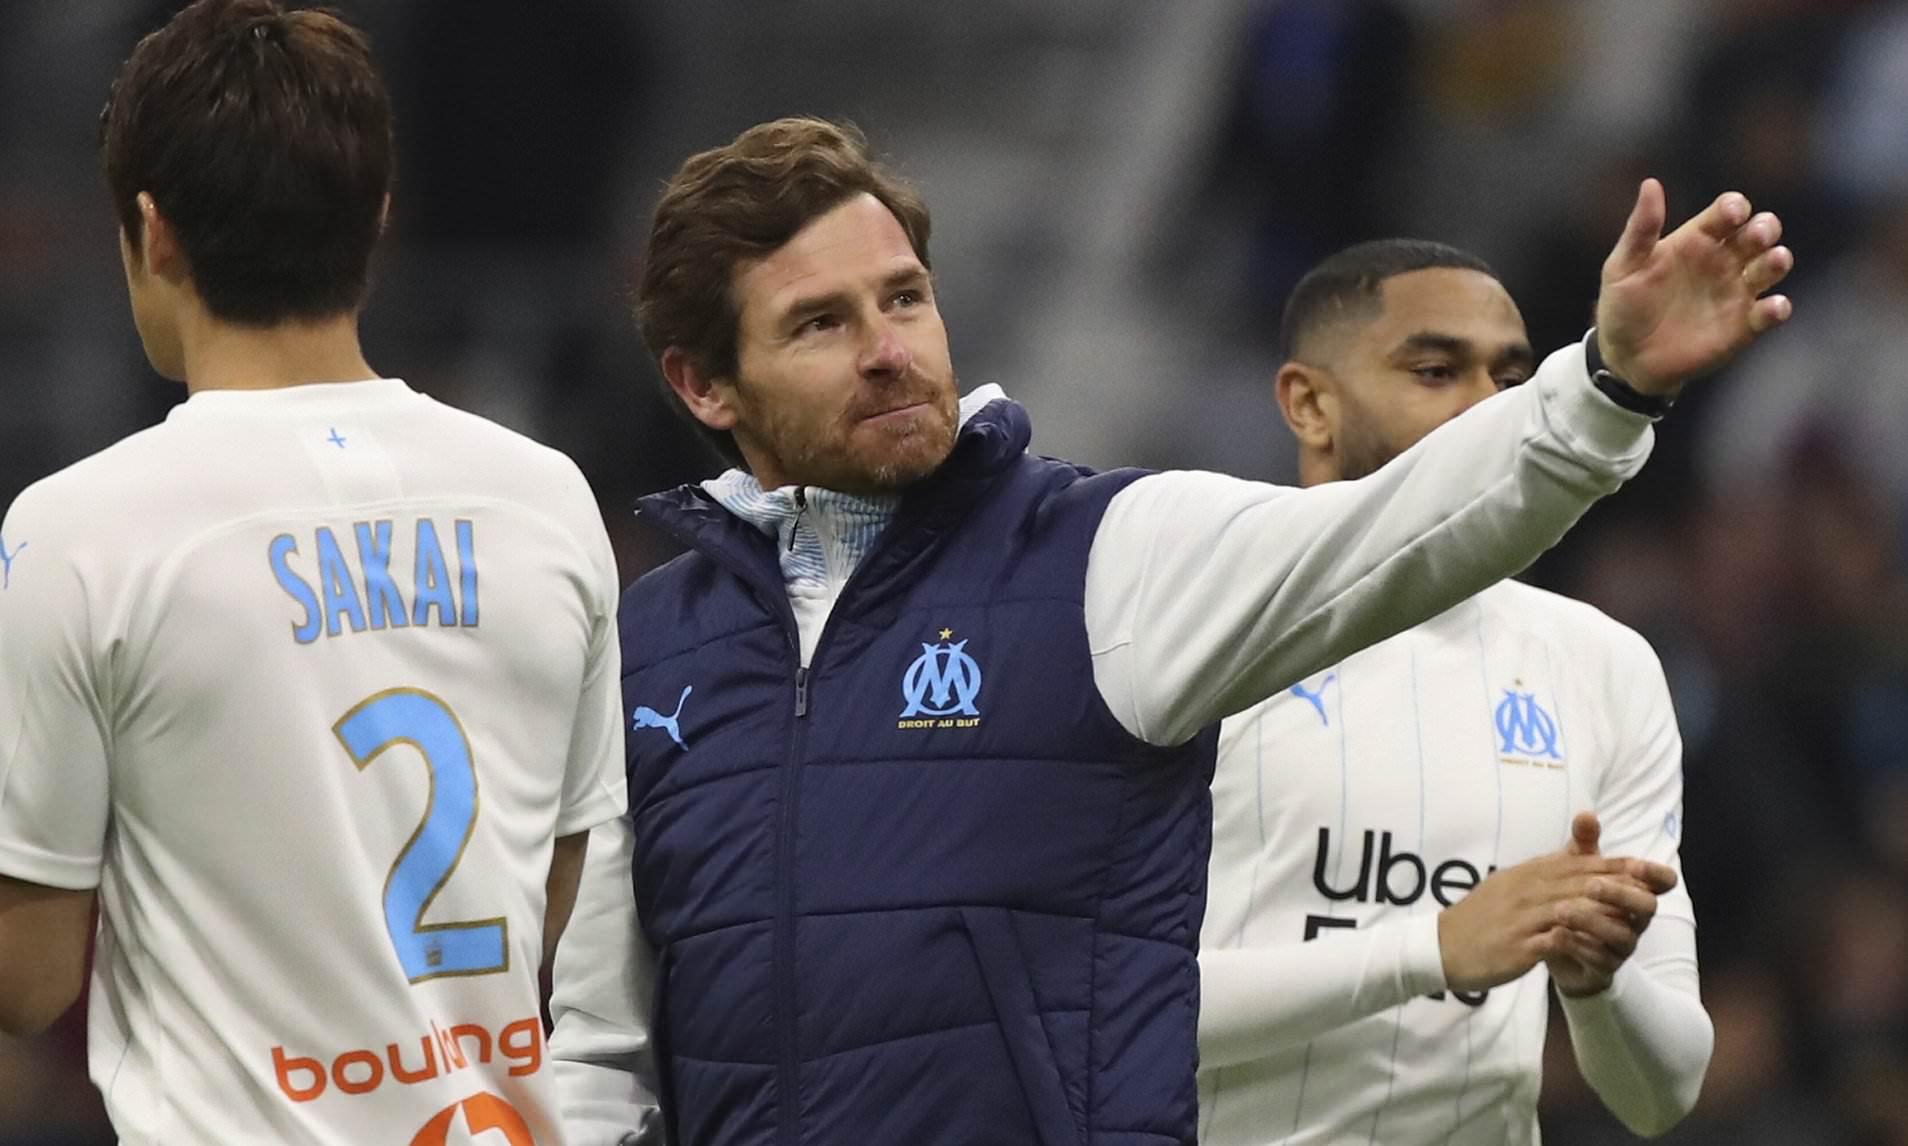 HLV Andre Villas Boas của Marseille: 'Một mùa giải đáng quên'